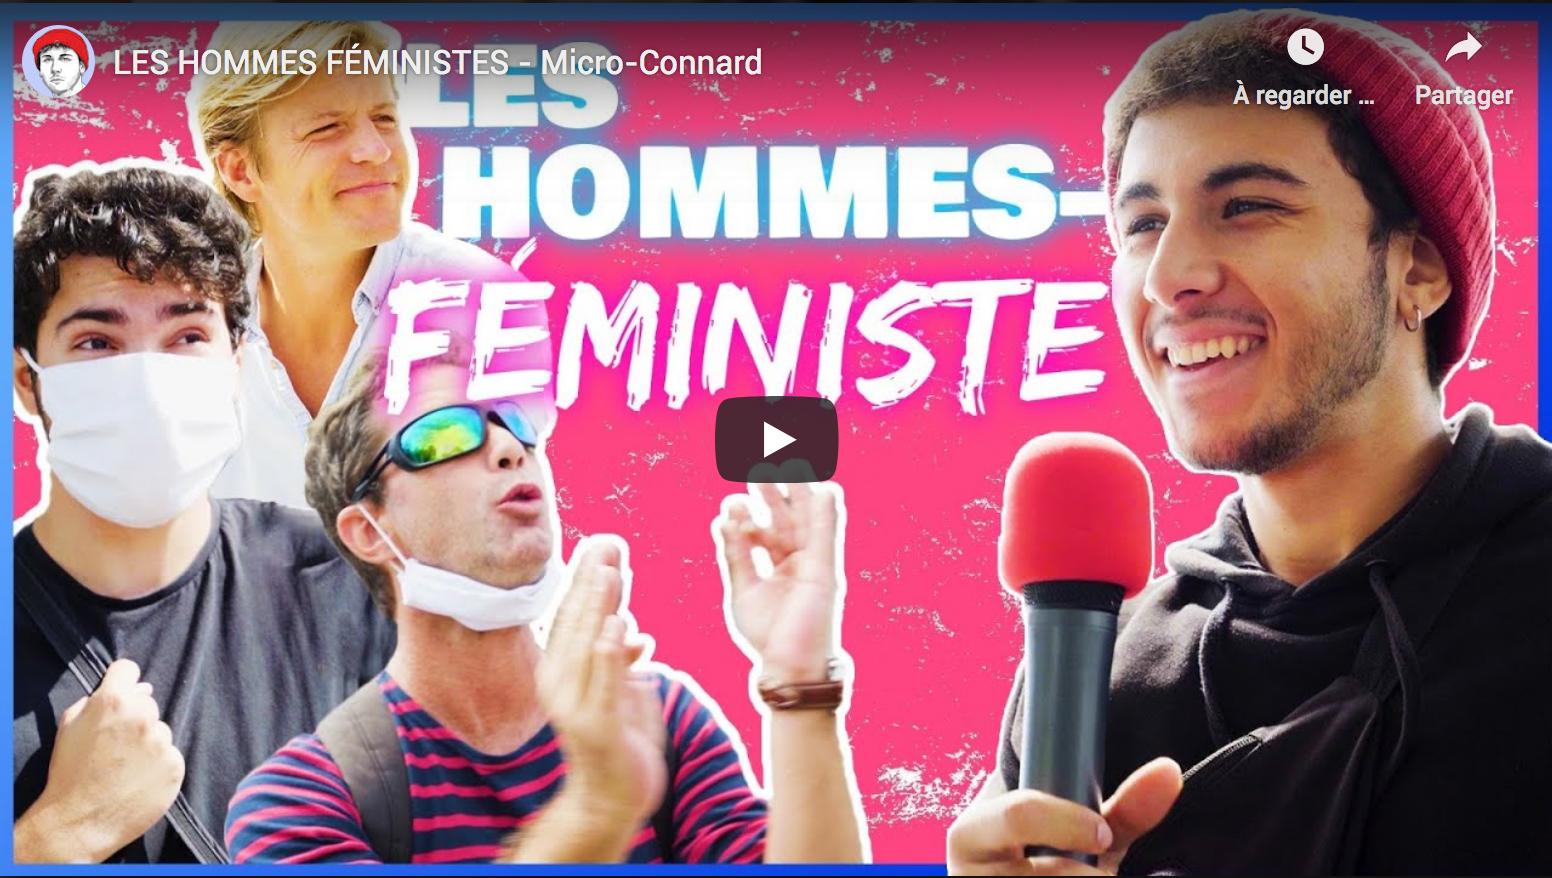 Rencontre avec des «hommes» féministes (Micro-Connard)